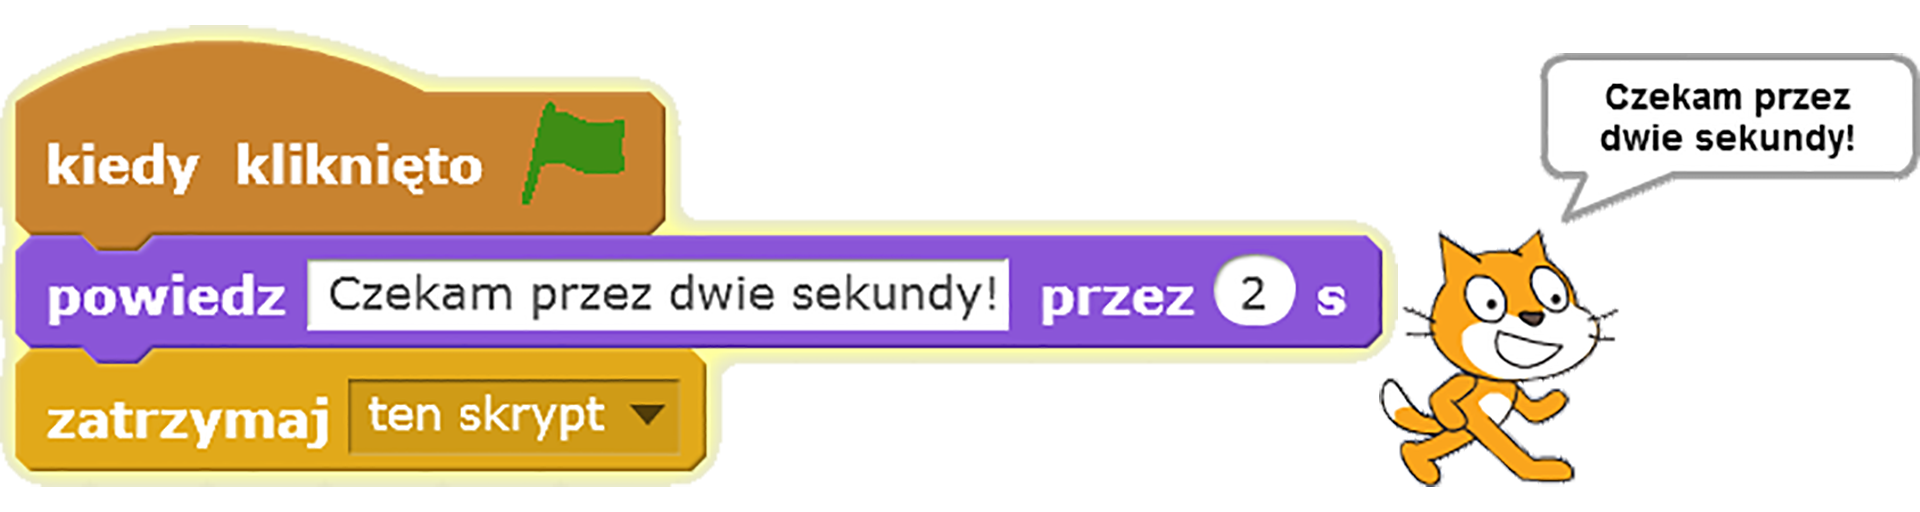 Skrypt realizujący wyświetlenie wdymku tekstu podanego wpolu edycyjnym przez określony czas po kliknięciu zielonej flagi